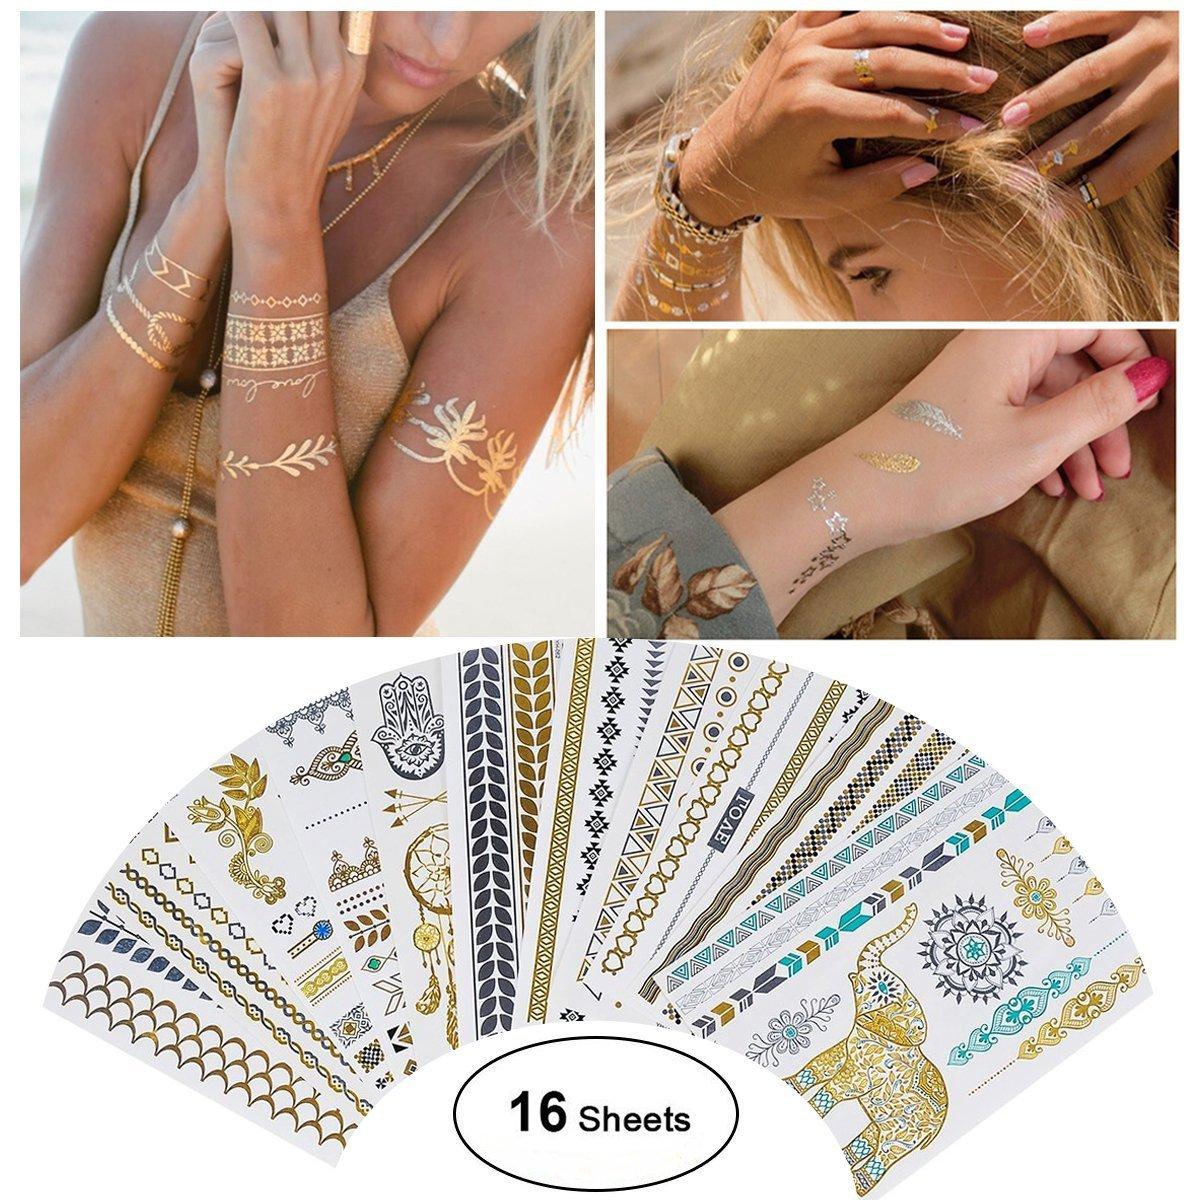 Tätowierung Wasserdicht Metallic Temporäre Tattoo 16sheets in Gold Silber Aufkleber Körper Gefälschte Schmuck Tattoos Über 200 Designs für Frauen Jugendliche Mädchen Body Art PROACC